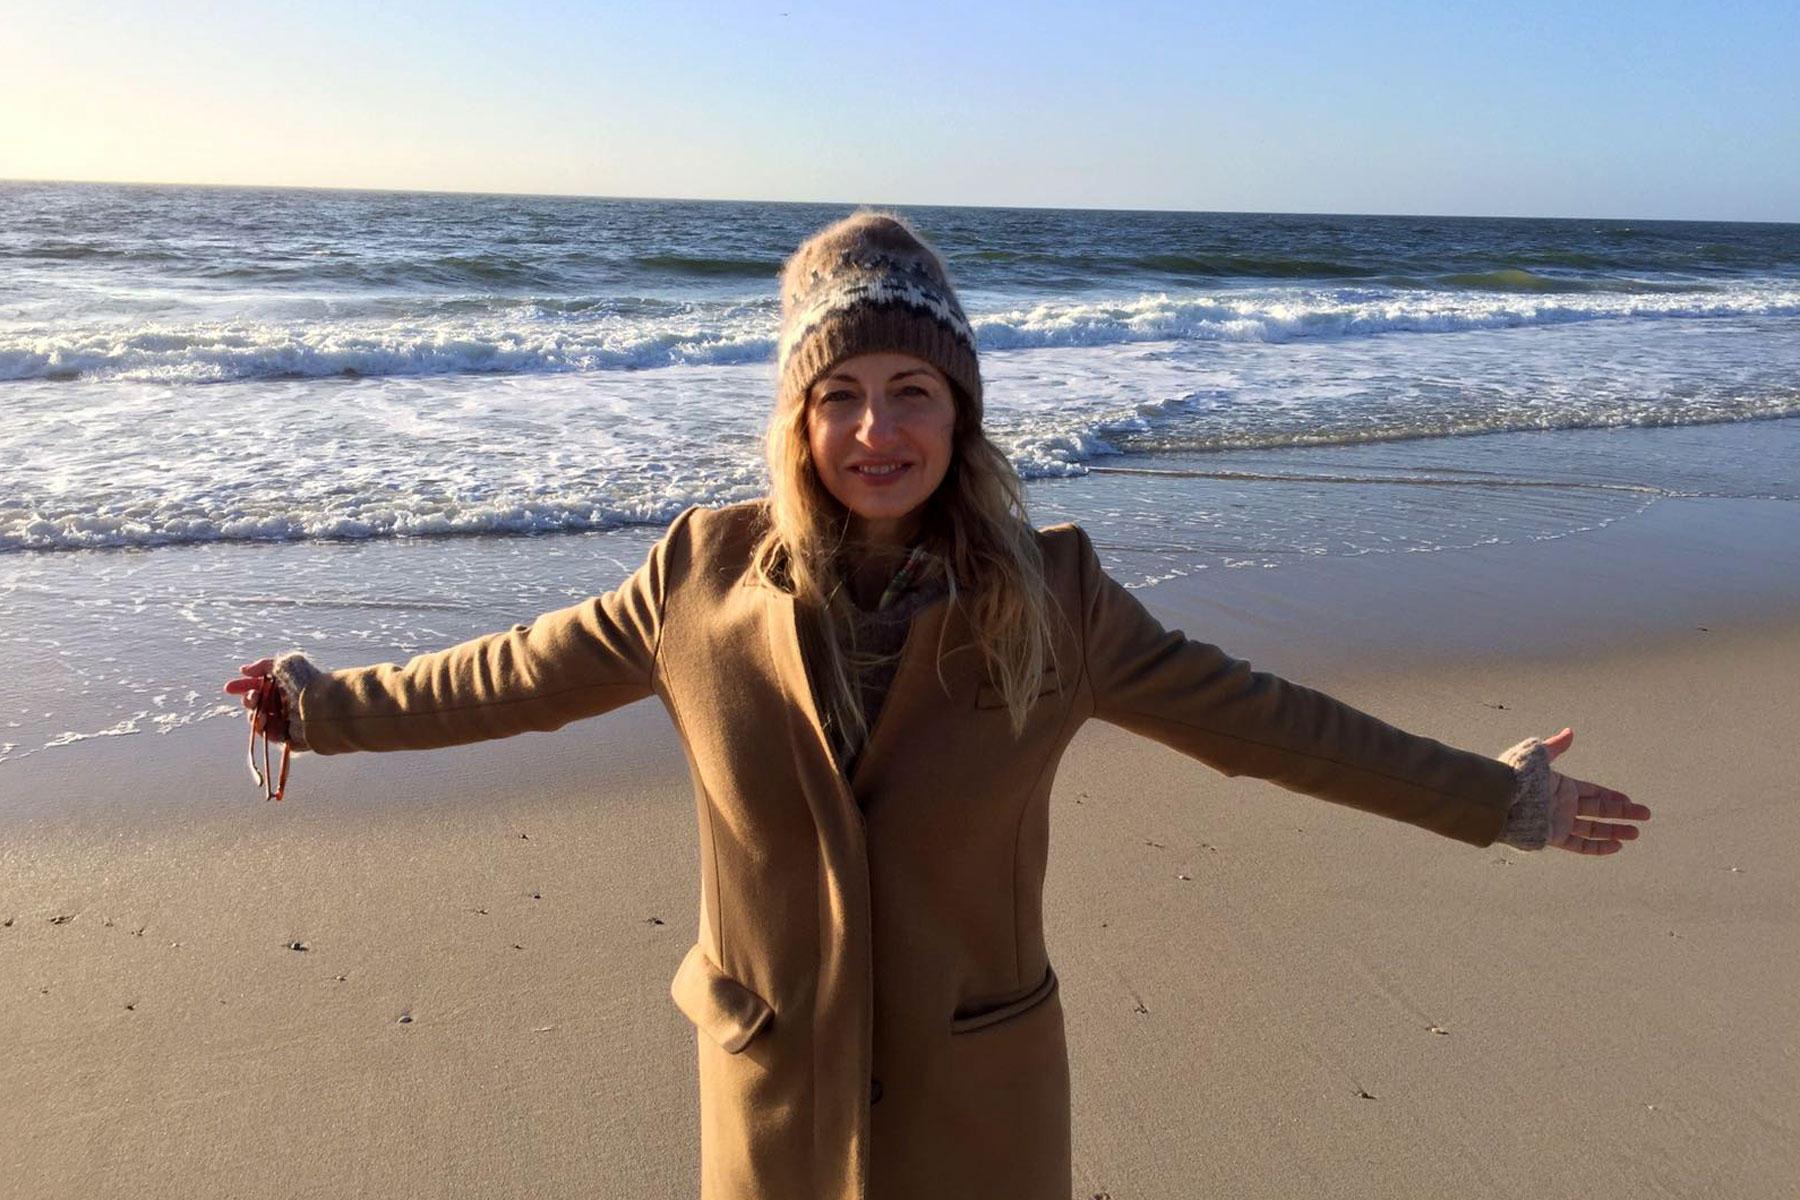 Ab in die Kult-Gummistiefel von Hunter und runter an den Sylter Strand: Beim Strandspaziergang ist unsere Kolumnistin Sue mal nicht umringt von Woolrich-Jackenträgern in klassischem Navy.